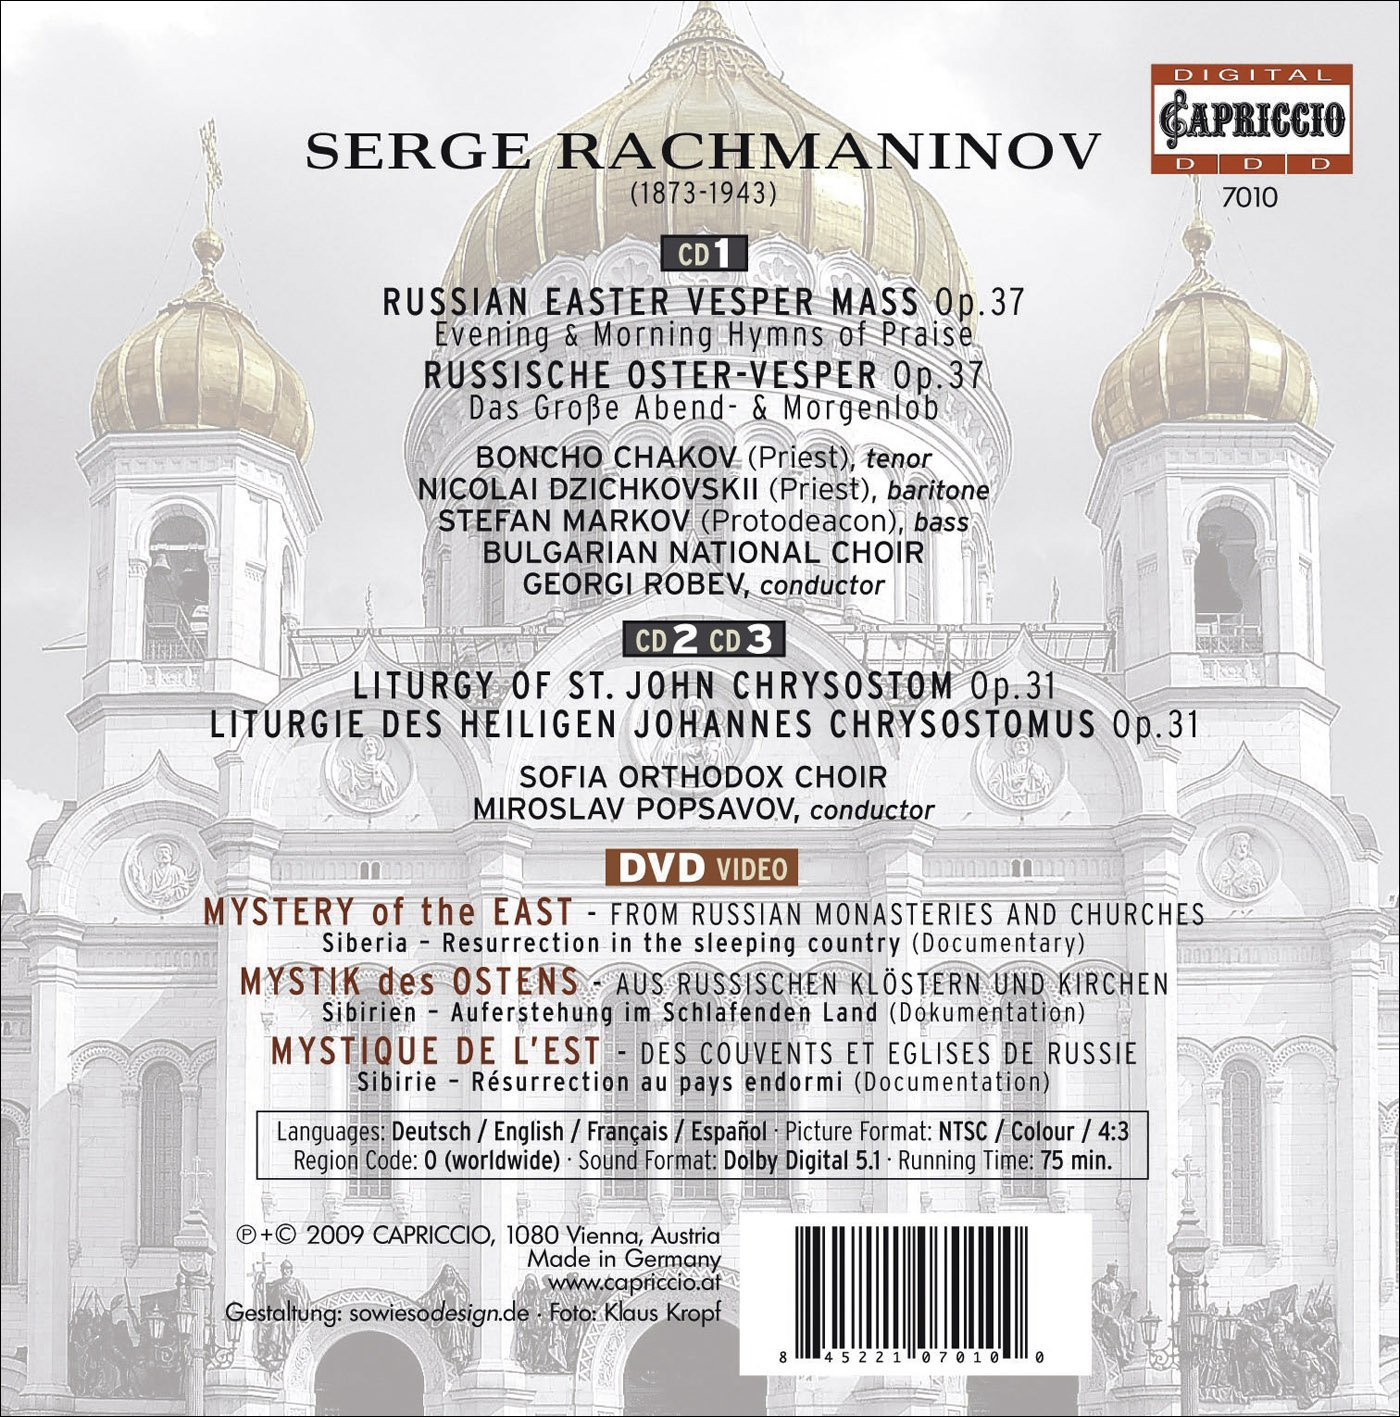 Russian Easter Vesper Mass